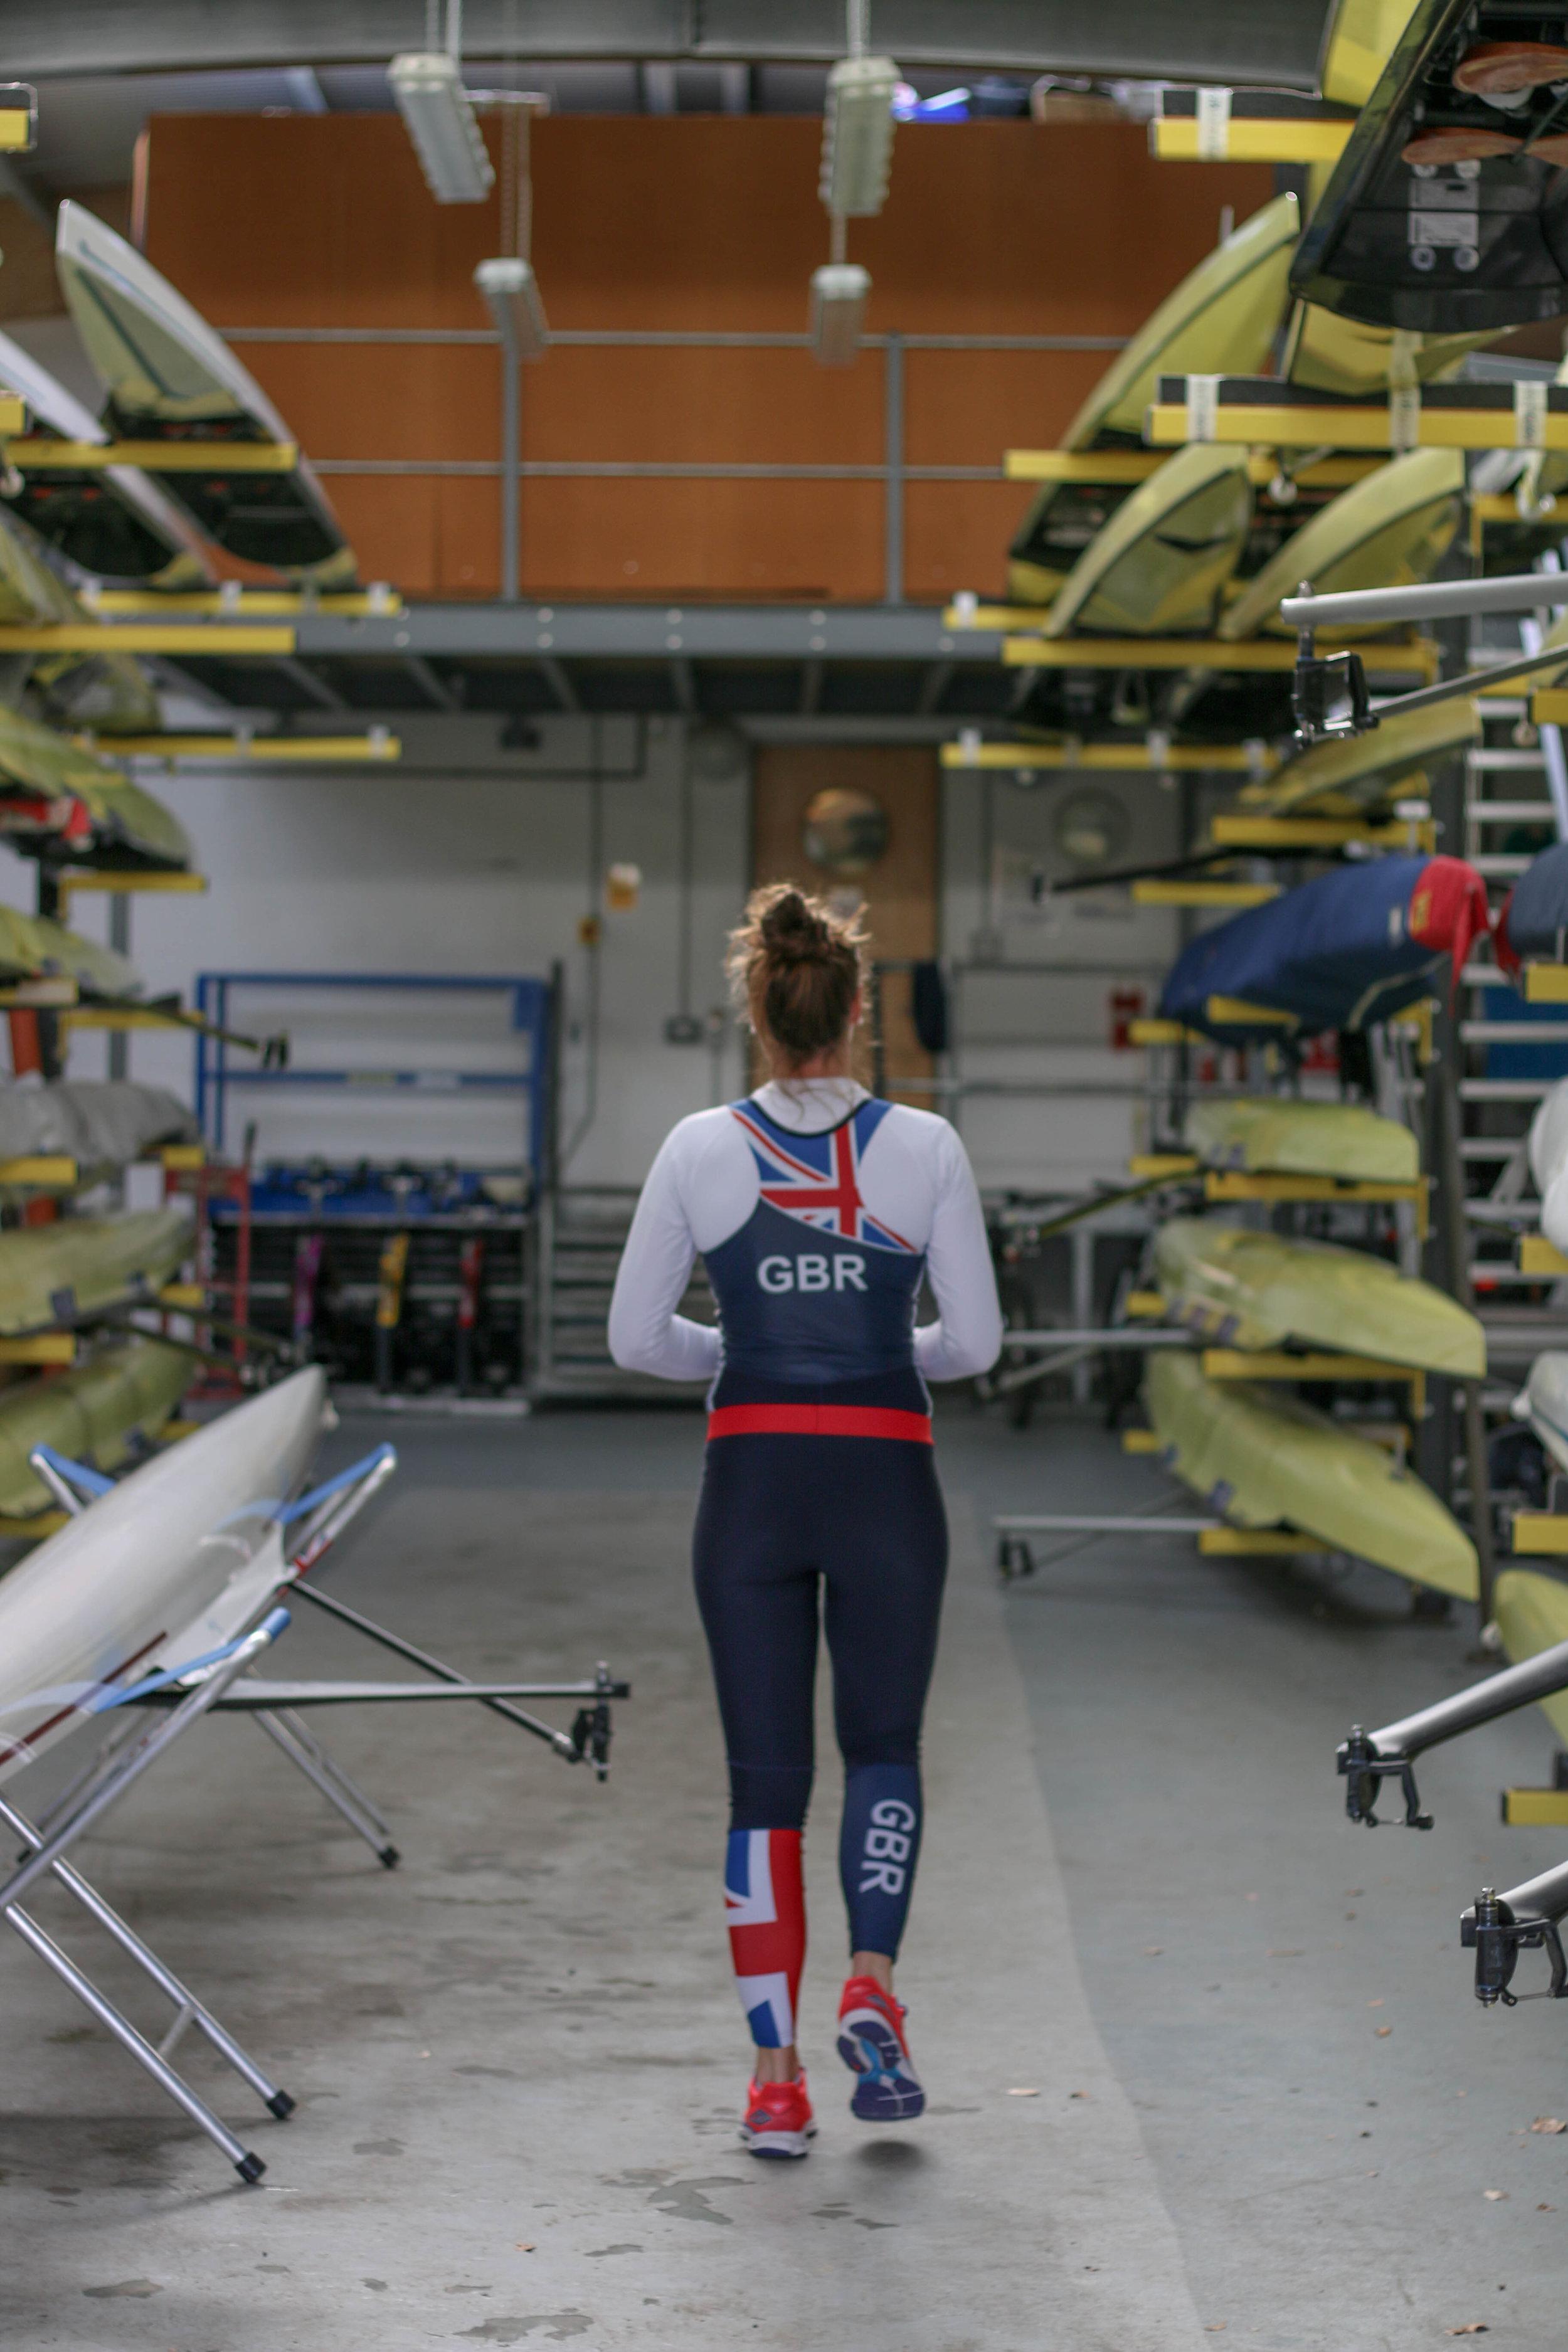 womens-sport-karen-bennett-rowing-athlete30.jpg